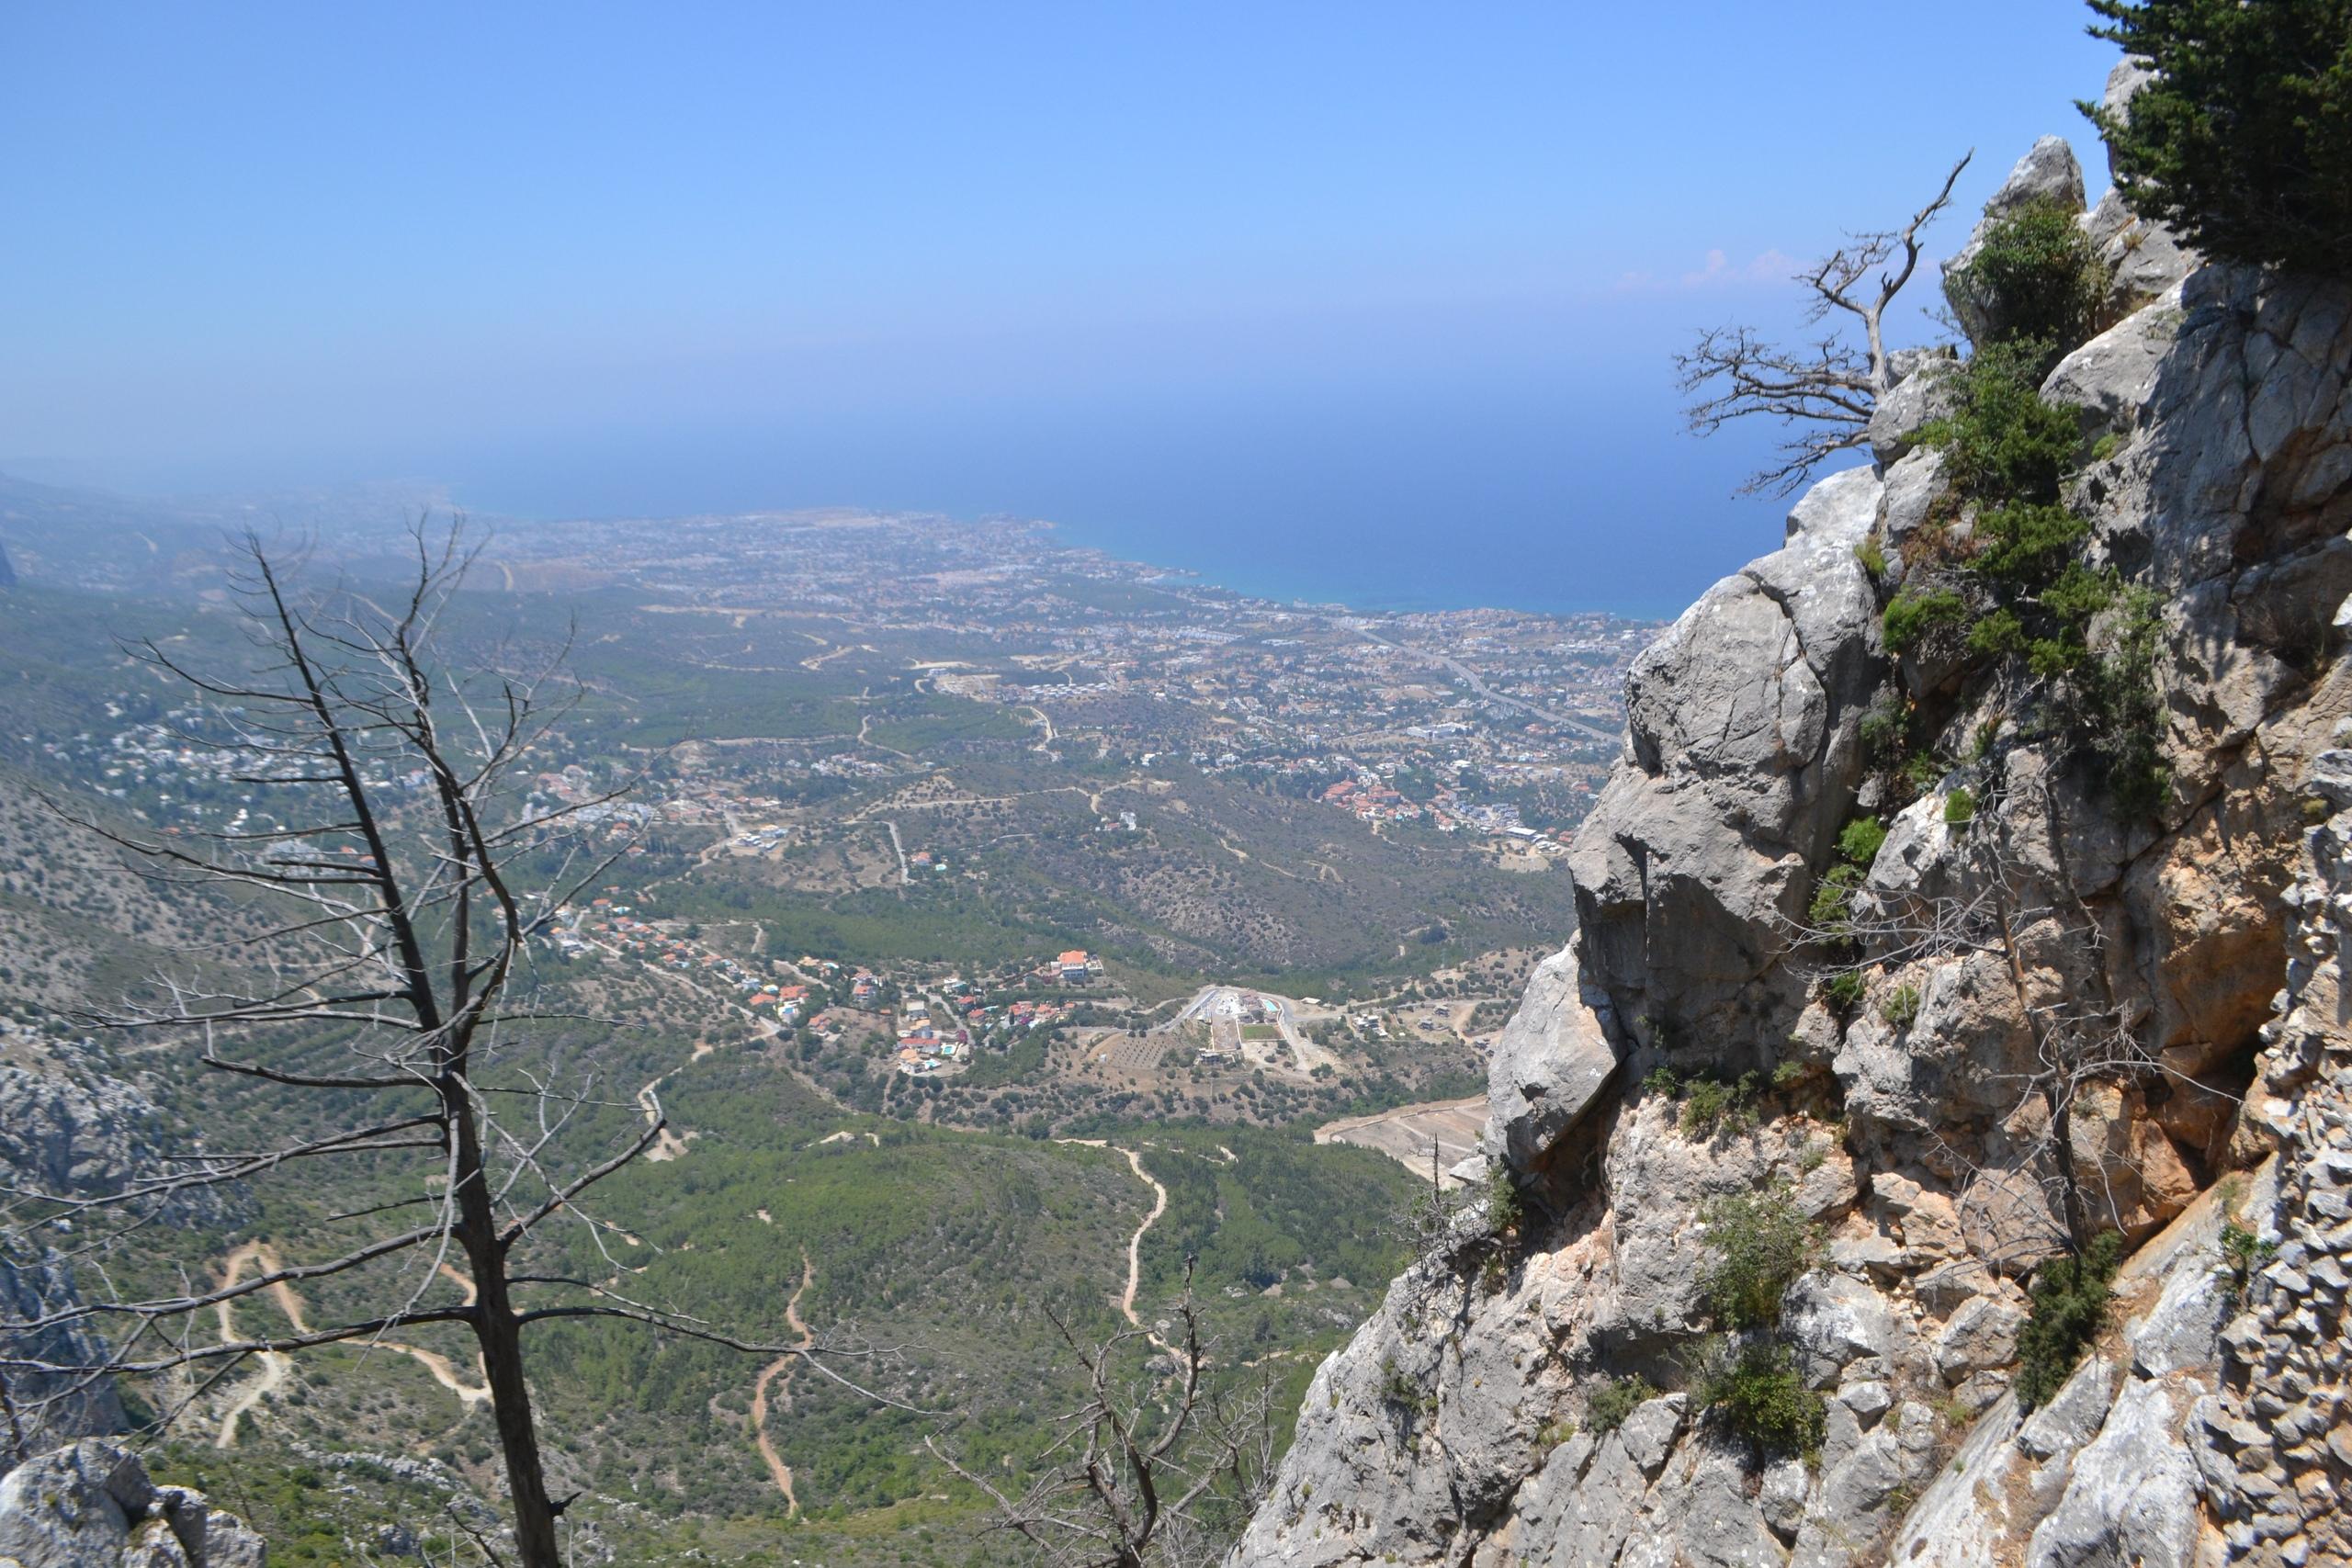 Северный Кипр. Замок Святого Иллариона. (фото). - Страница 3 Lg49waEHBL0